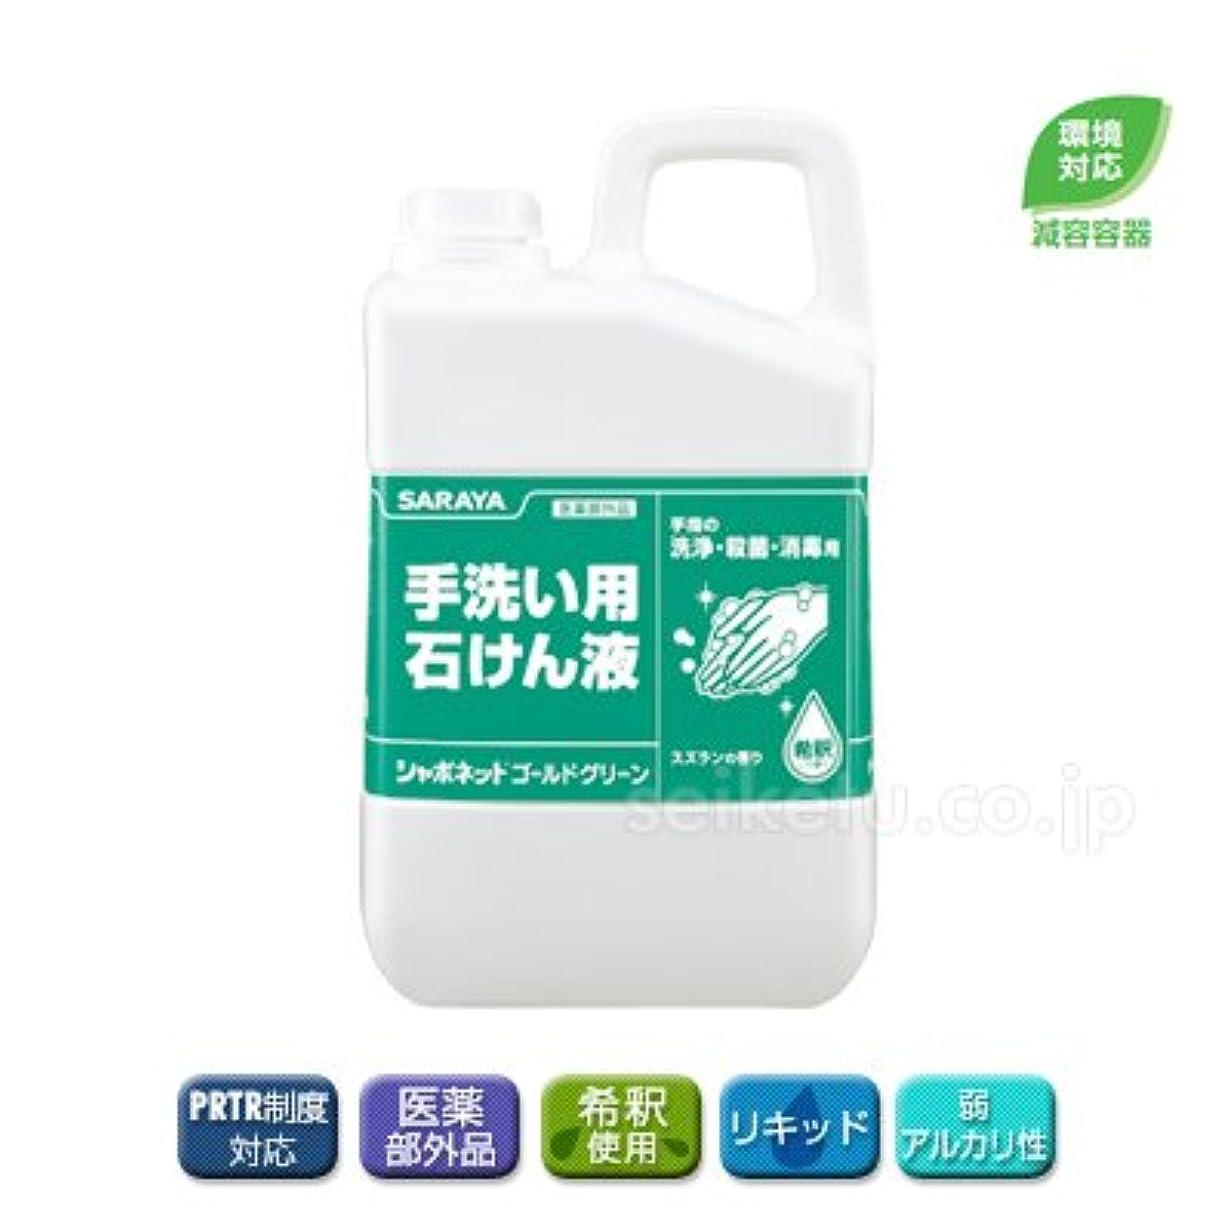 評議会見つける艶【清潔キレイ館】サラヤ シャボネットゴールドグリーン(3kg)